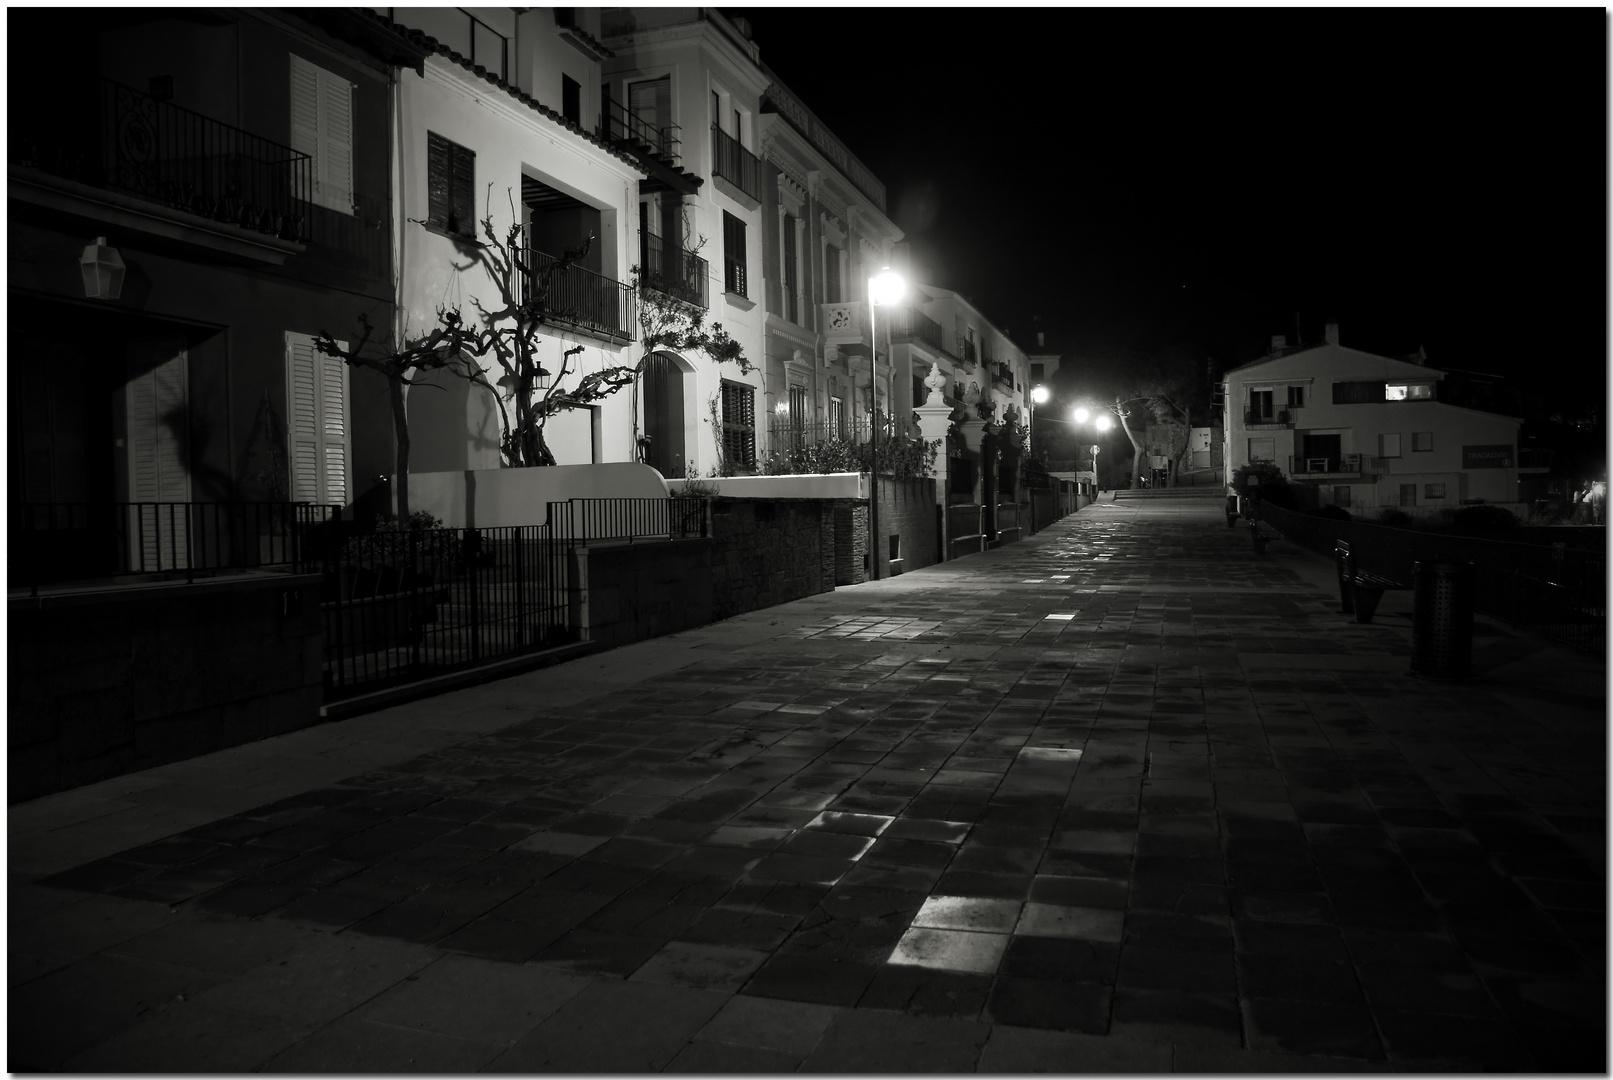 De nit a Calella X Només hi passen les hores